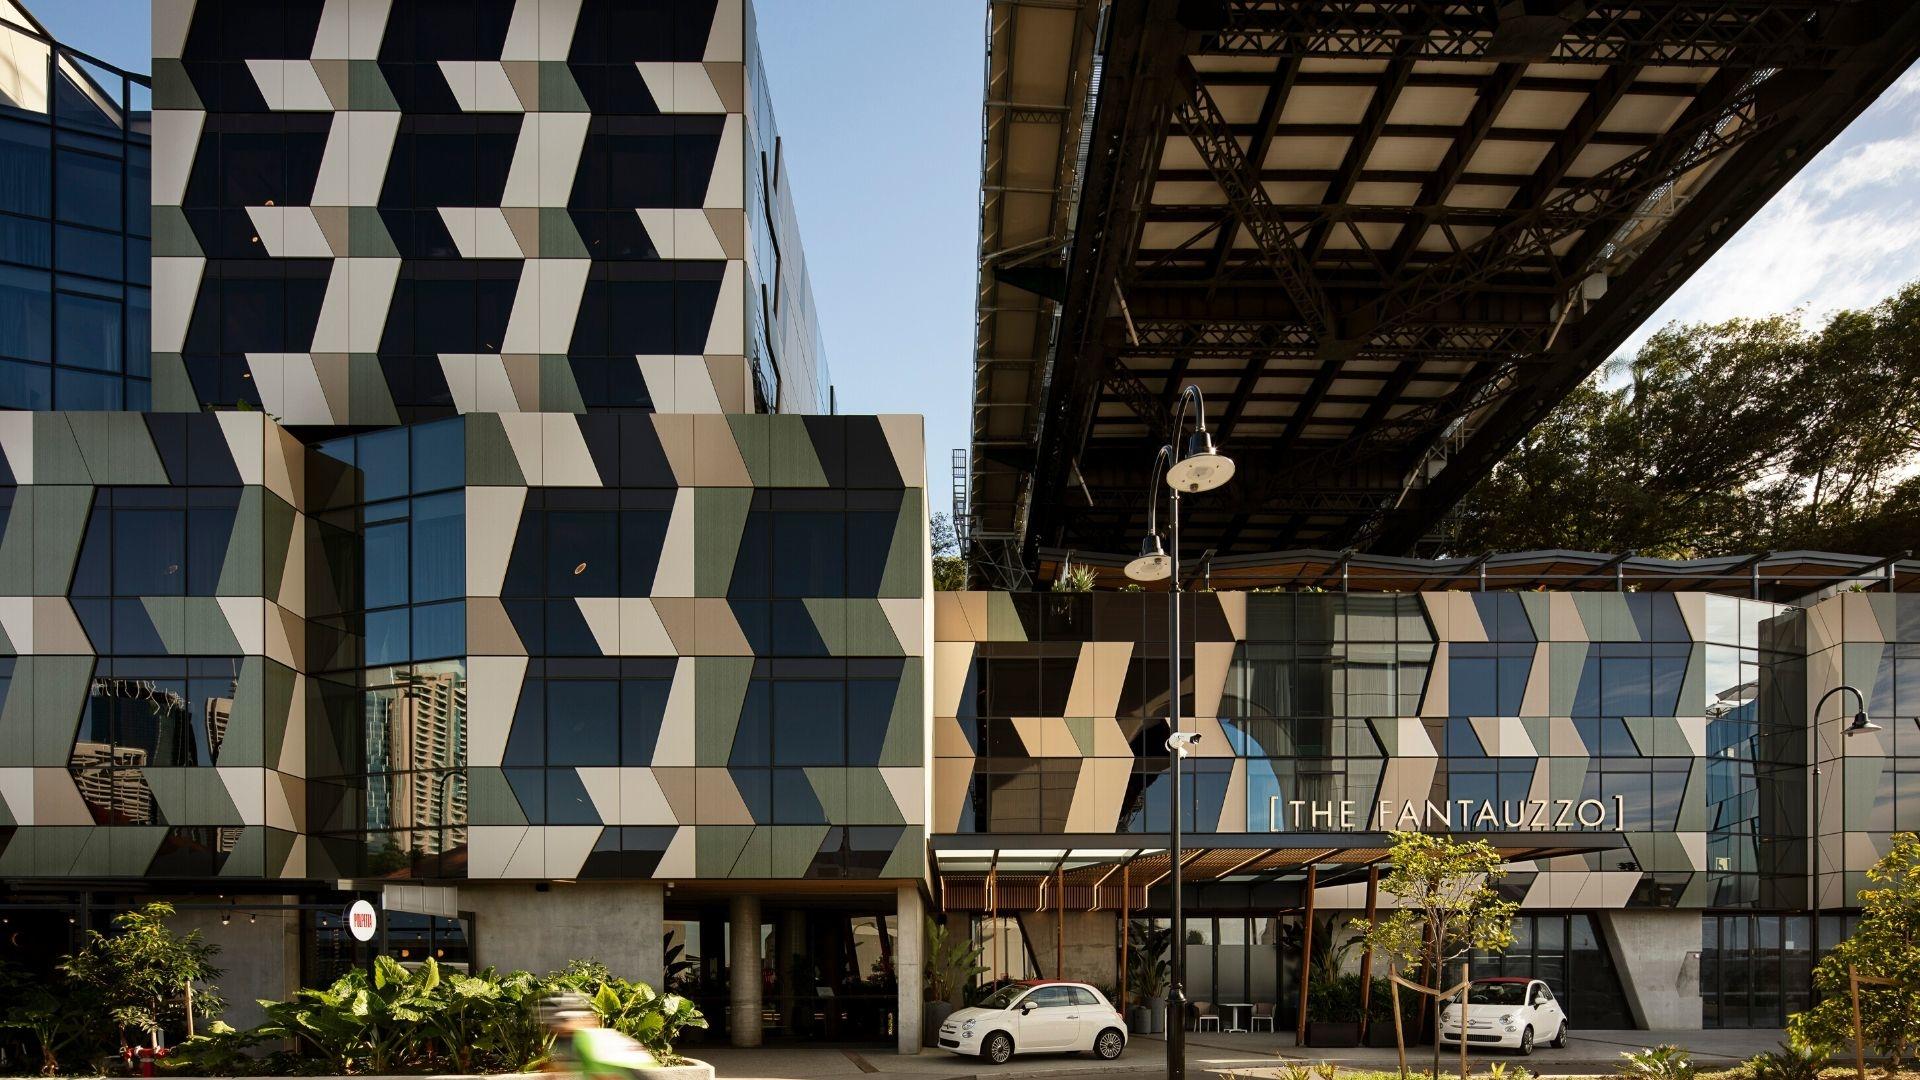 The Escape | Fantauzzo Art Series Hotel, Brisbane